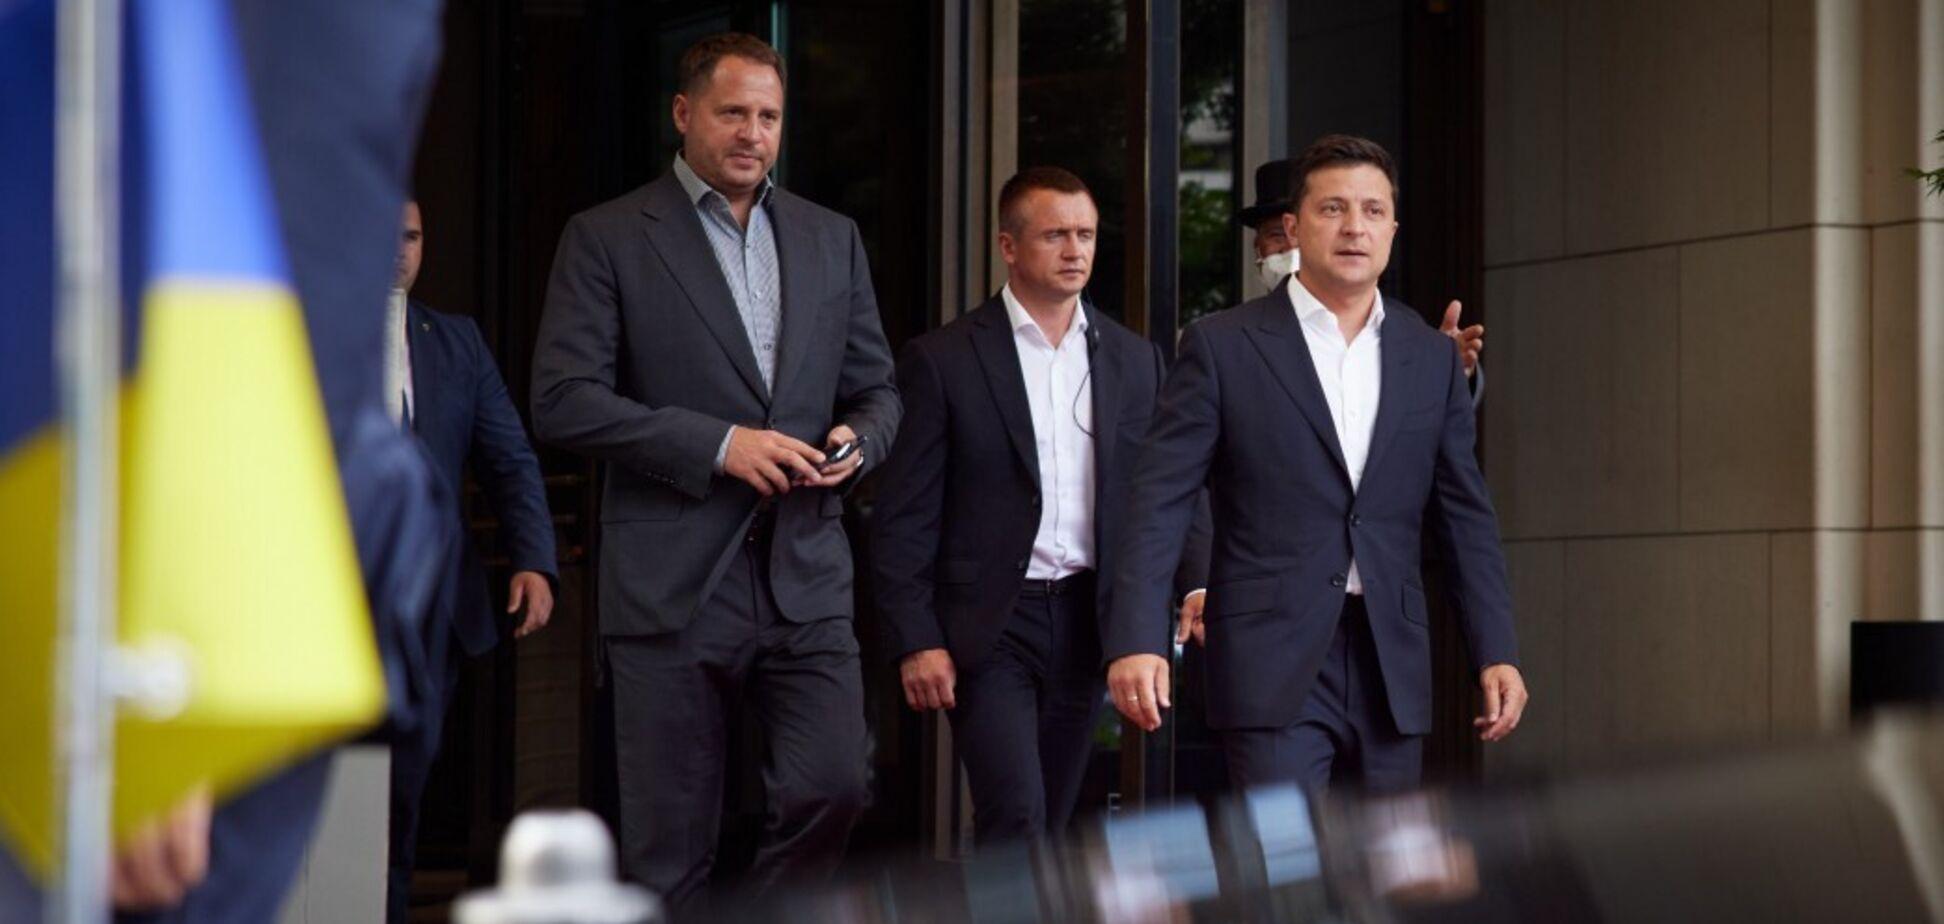 Зустріч із Меркель, 'Північний потік' та війна на Донбасі. Головне про поїздку Зеленського до Німеччини